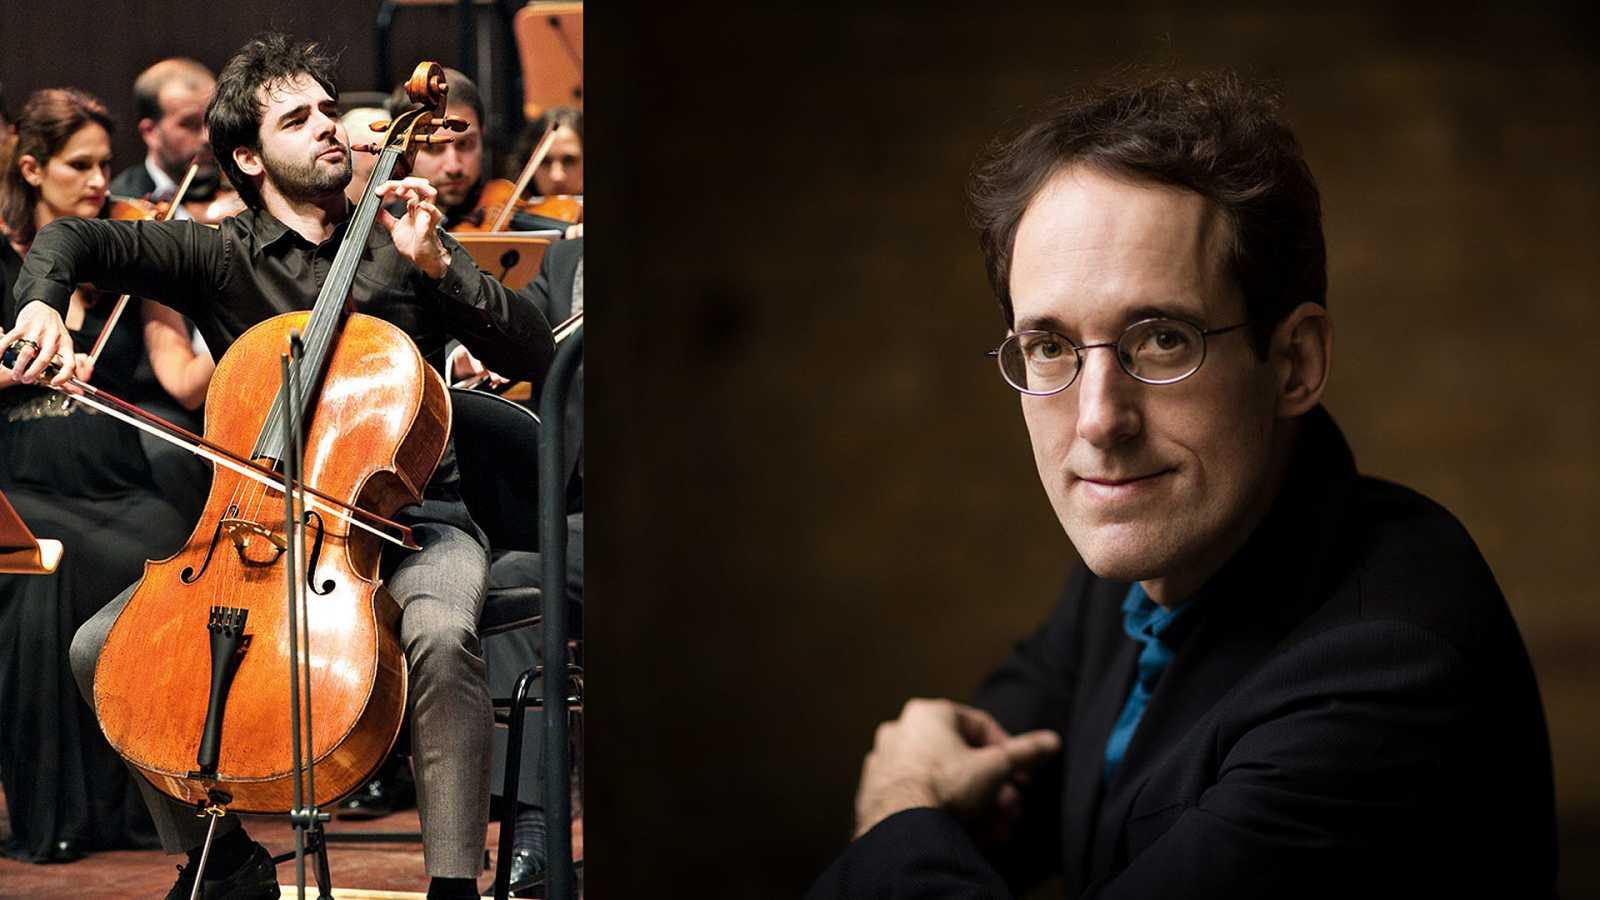 El chelista Pablo Ferrández y el director titular de la Orquesta Sinfónica RTVE, Pablo González